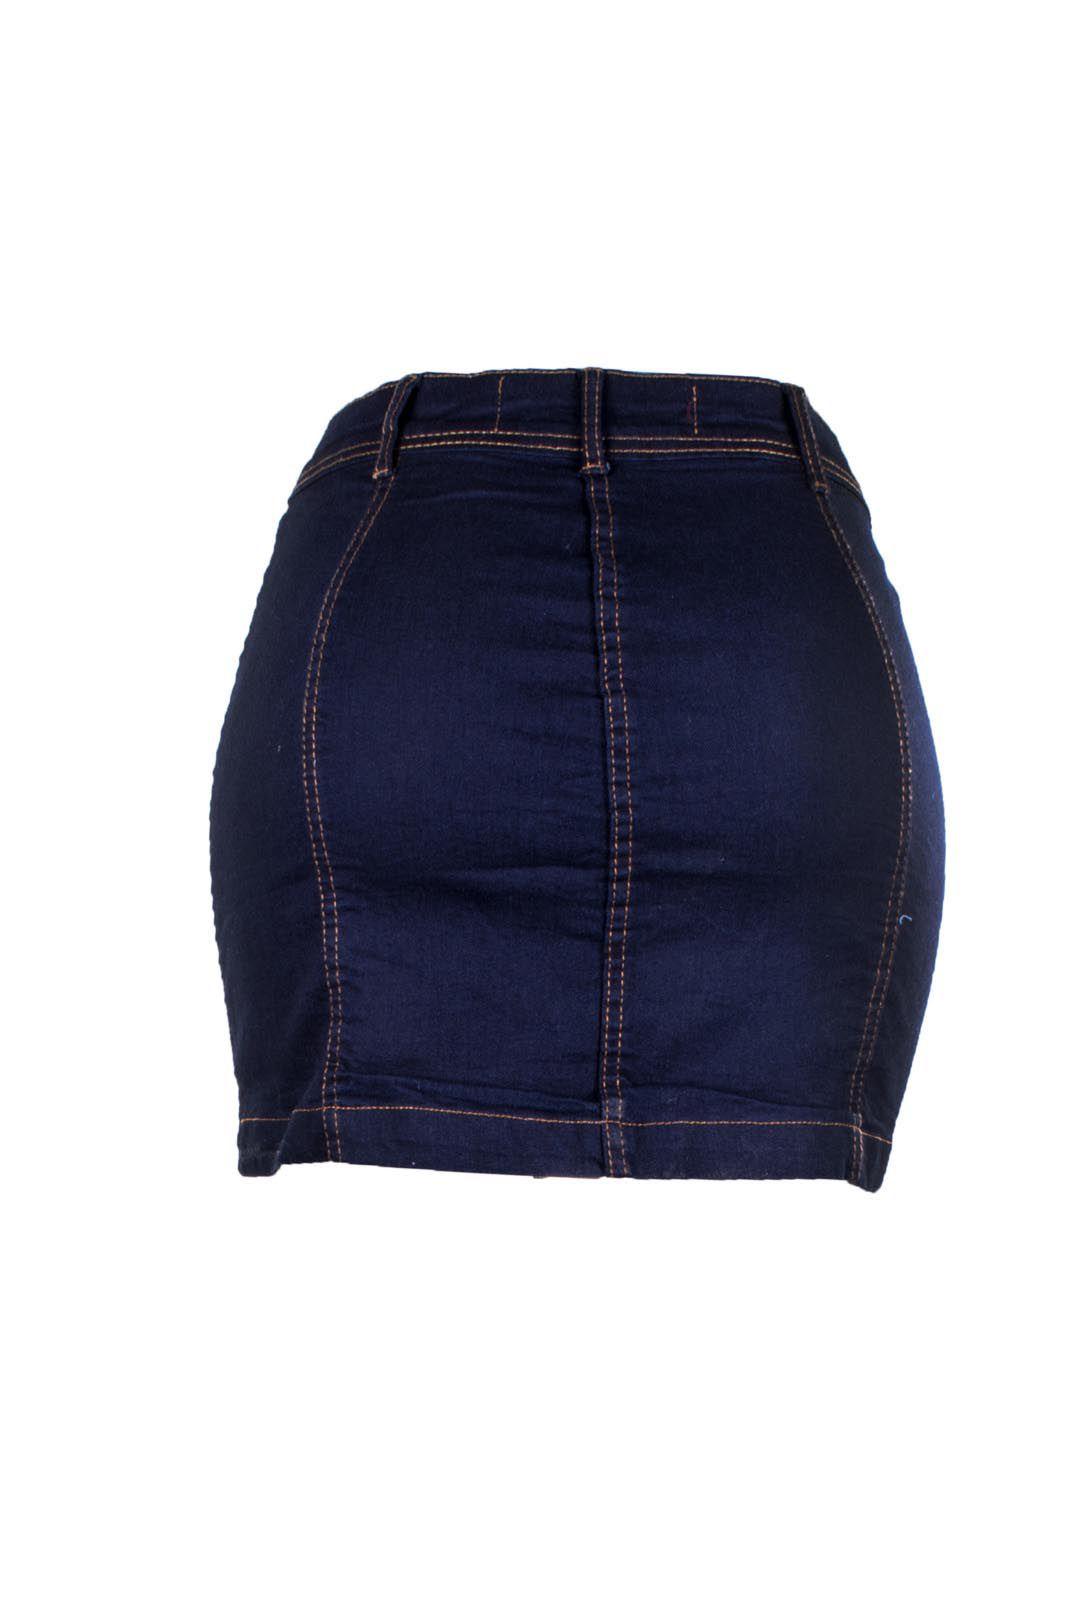 Saia Outlet Dri Jeans Curta Midi Botões Frontais Índigo